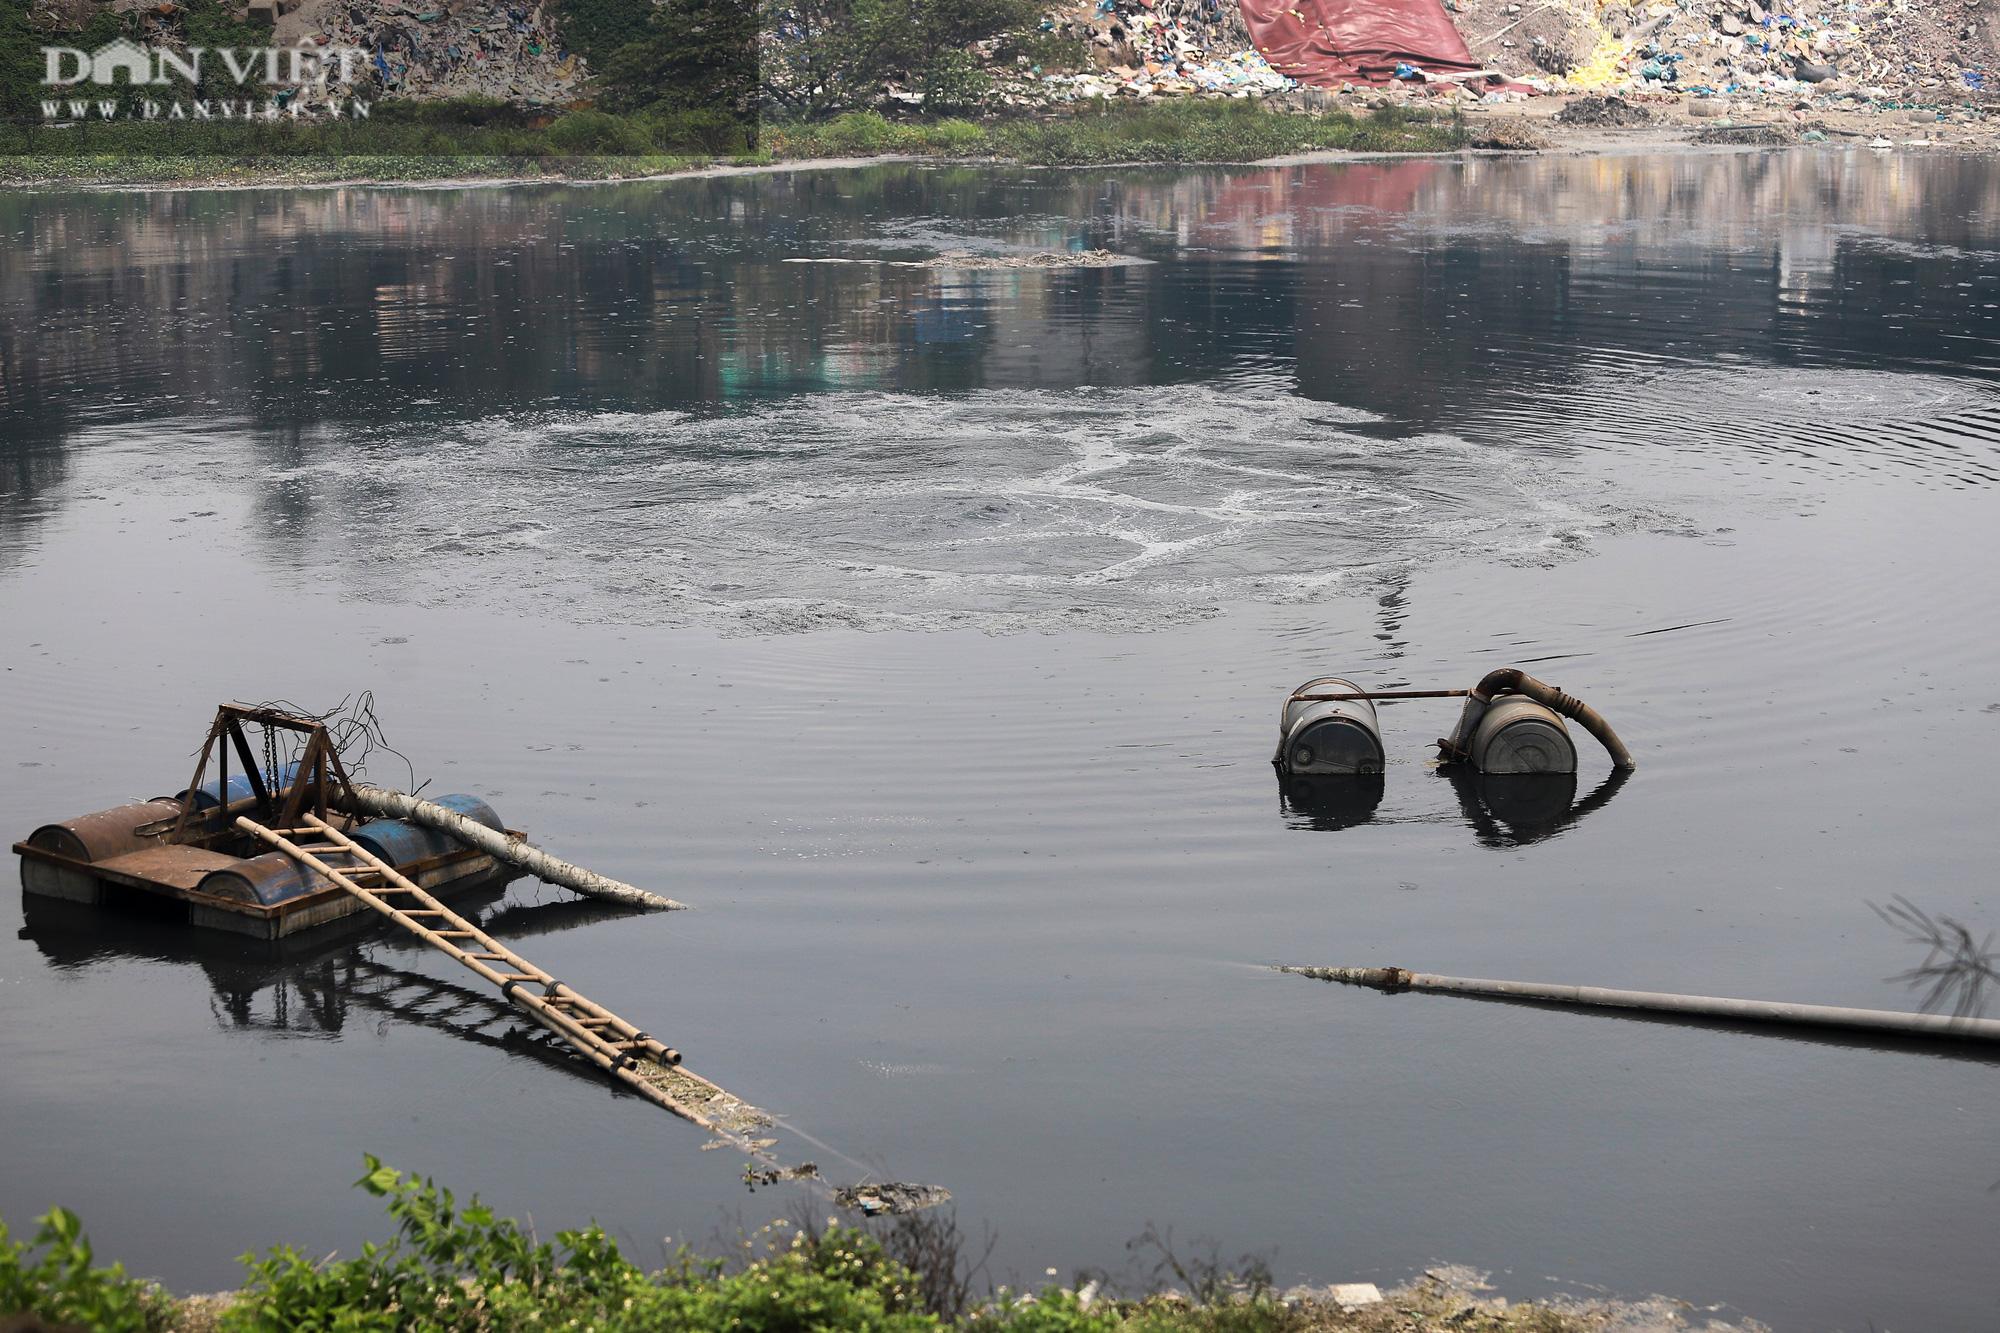 Ám ảnh khủng khiếp ở làng giấy Phú Lâm: Ô nhiễm đến con ruồi cũng không sống nổi, công nhân bán mòn sức - Ảnh 30.